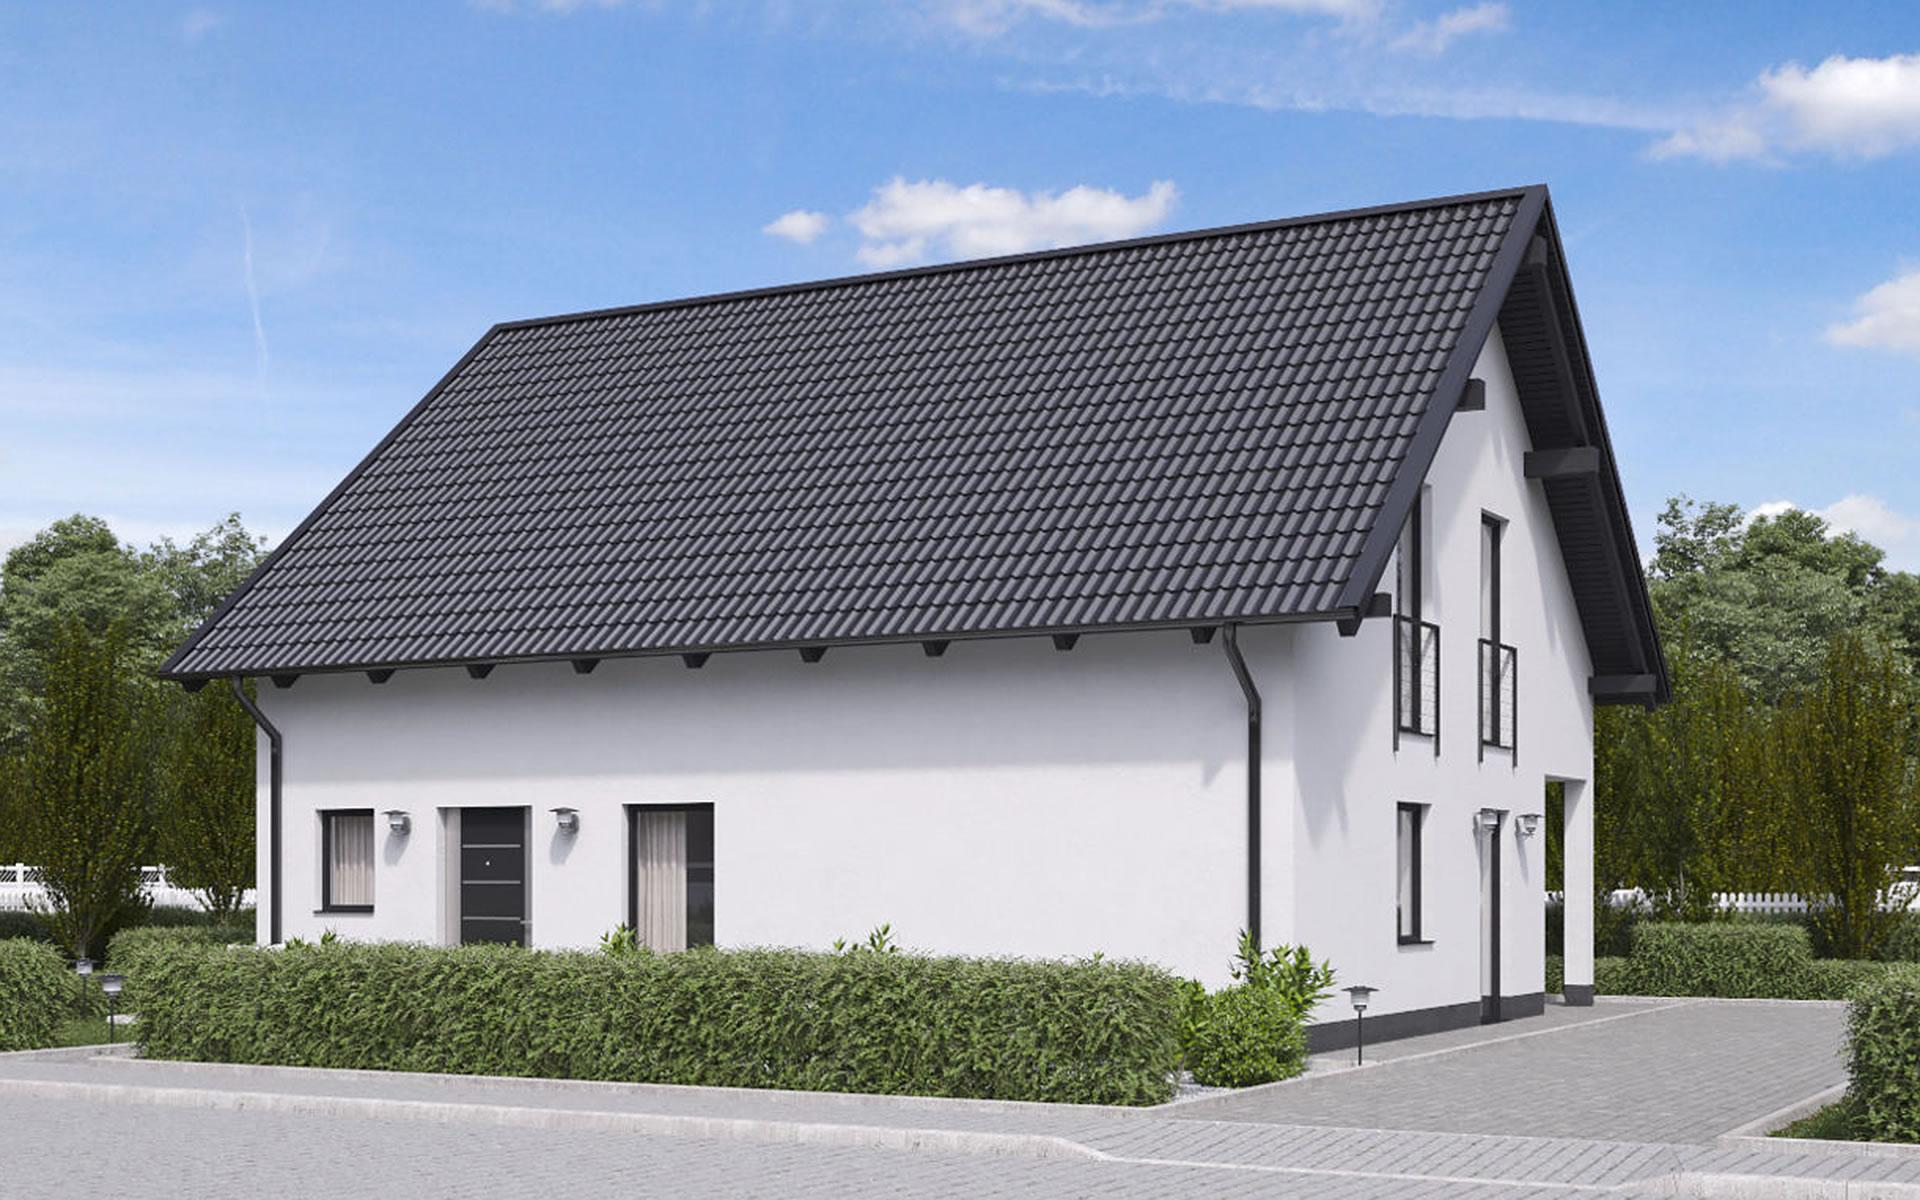 Einfamilienhaus BS 129 von B&S Selbstbausysteme GmbH & Co. KG